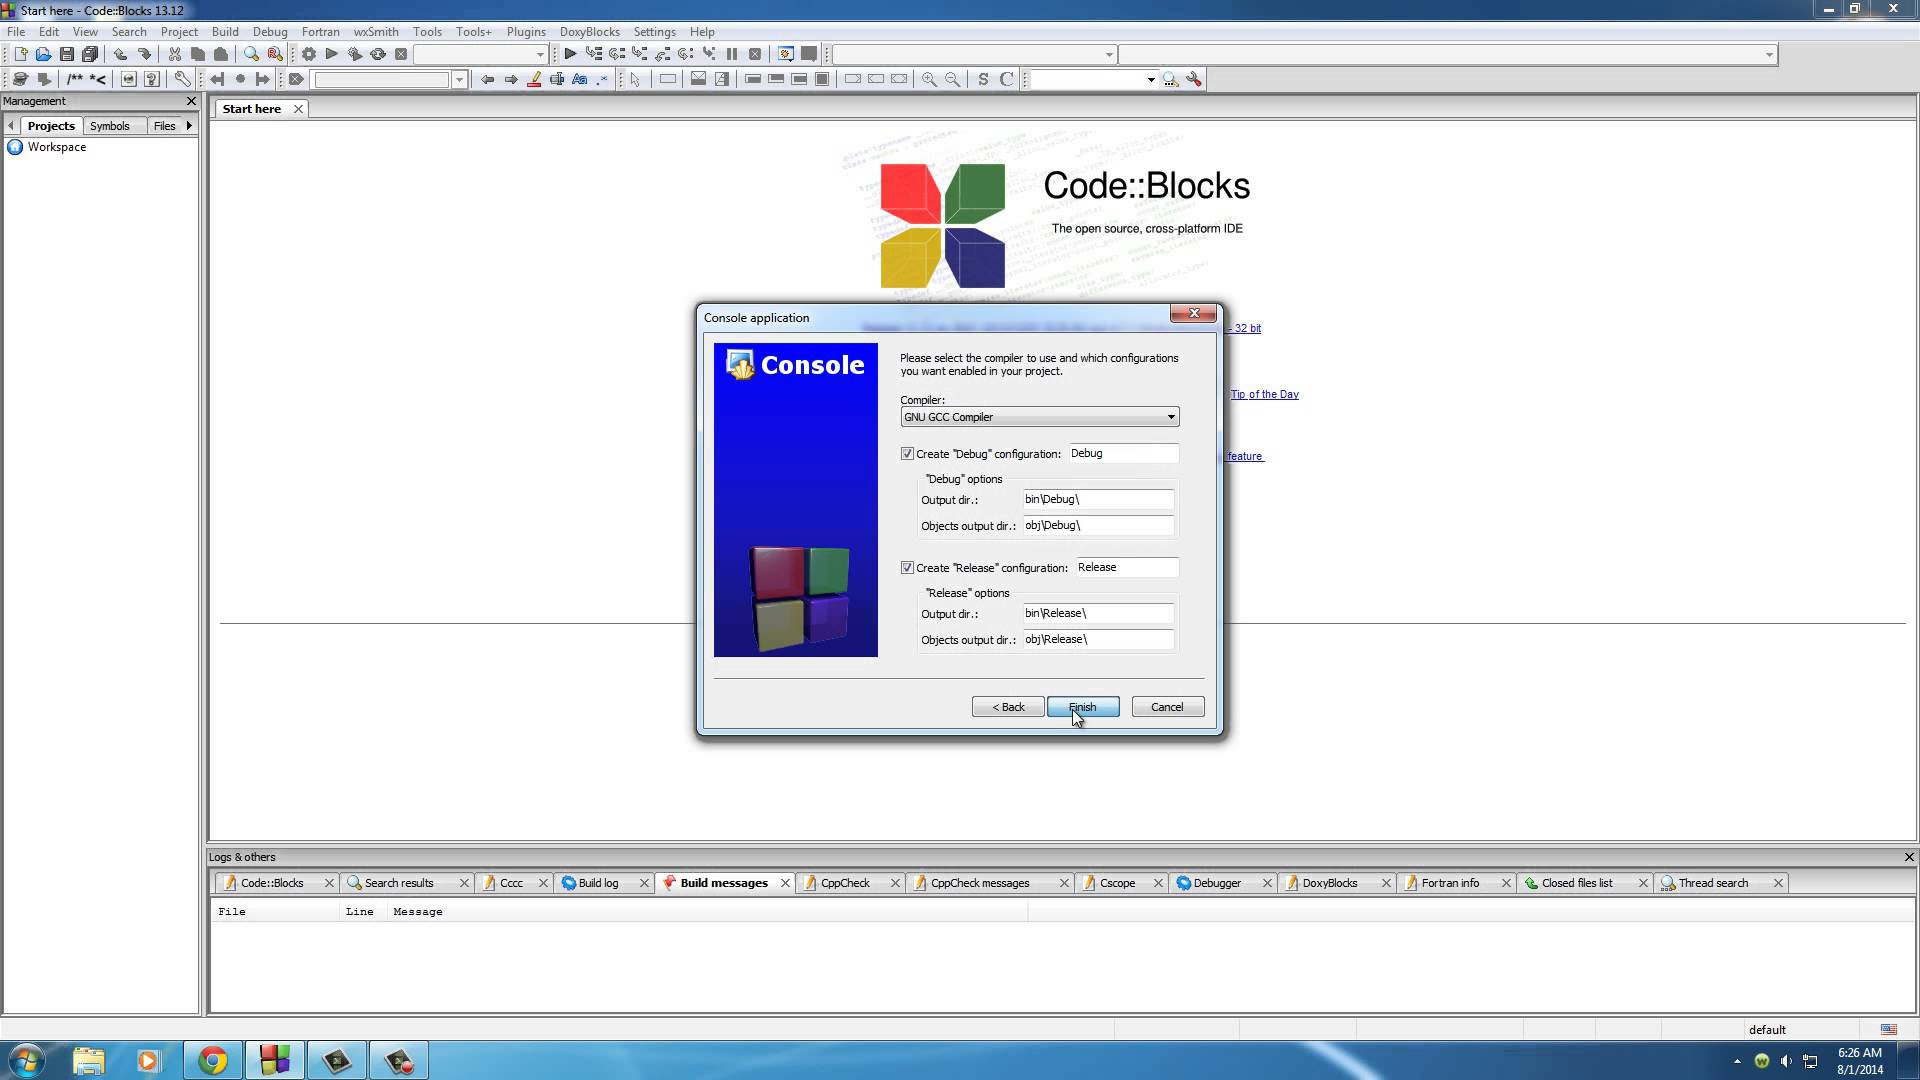 Aplikasi Software Apa Yang Bagus Untuk Meningkatkan Kemampuan Pemograman Handphone Image1920x1080 223 Kb